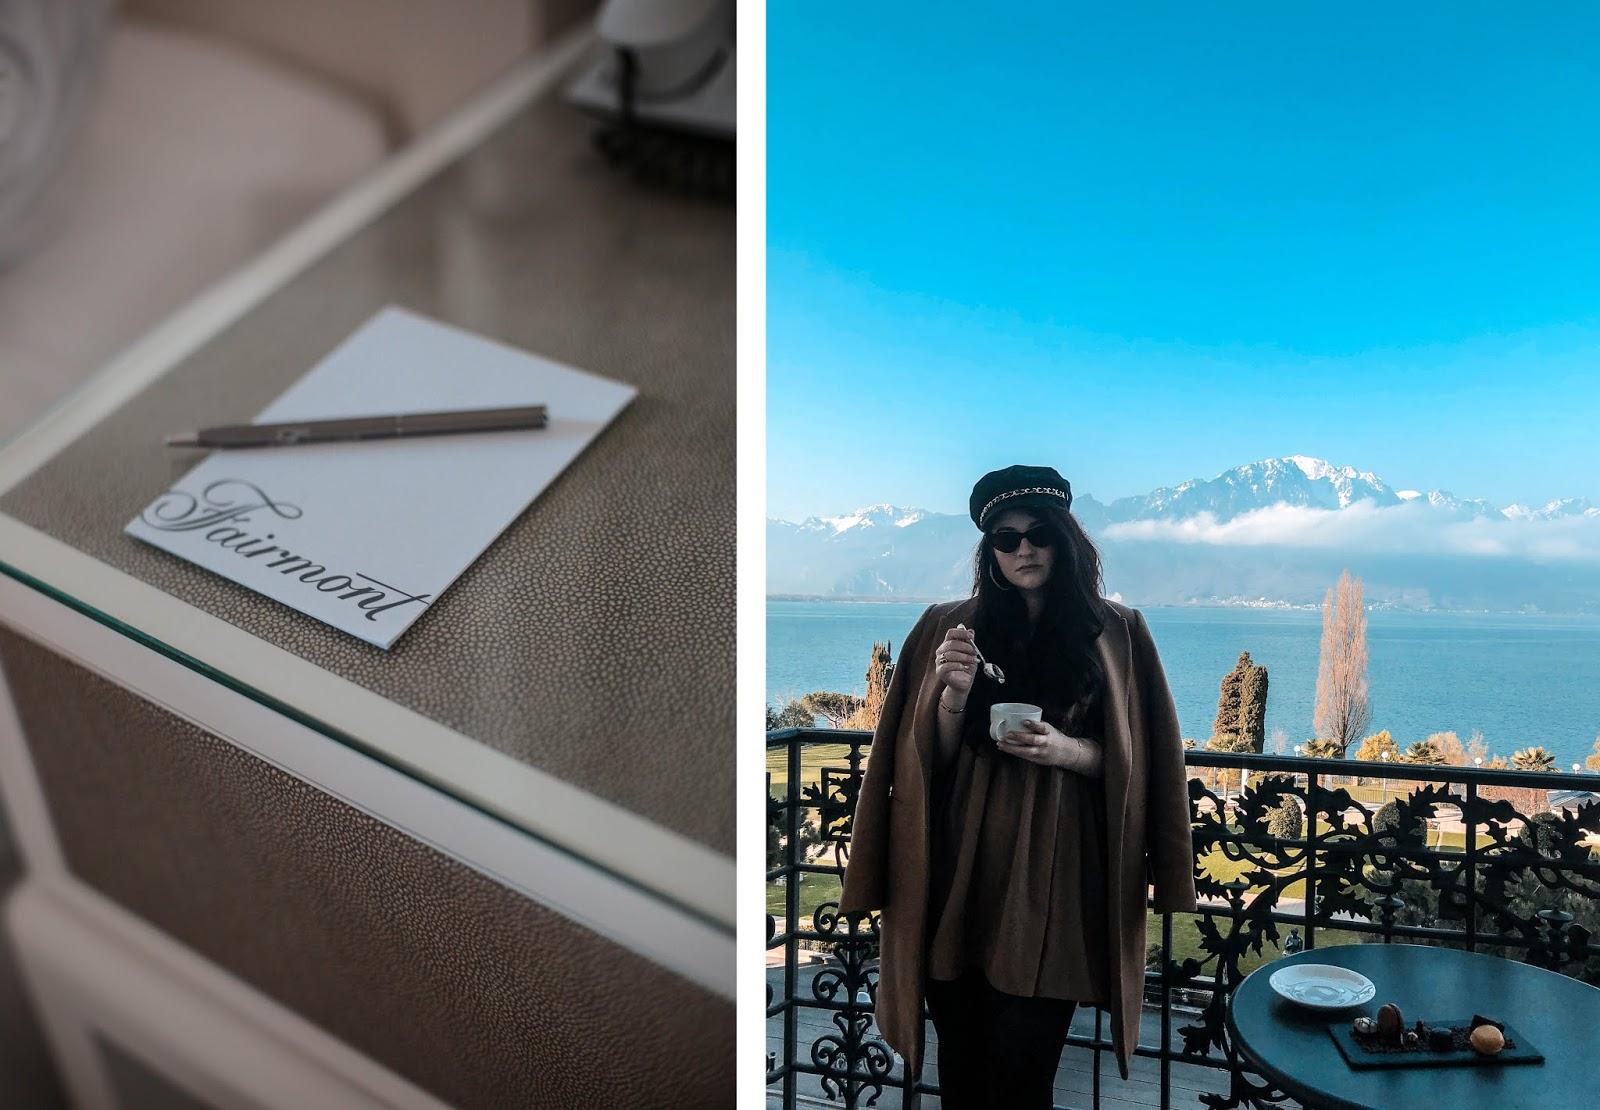 venus is naive Fairmont Palace Montreux hôtel luxe